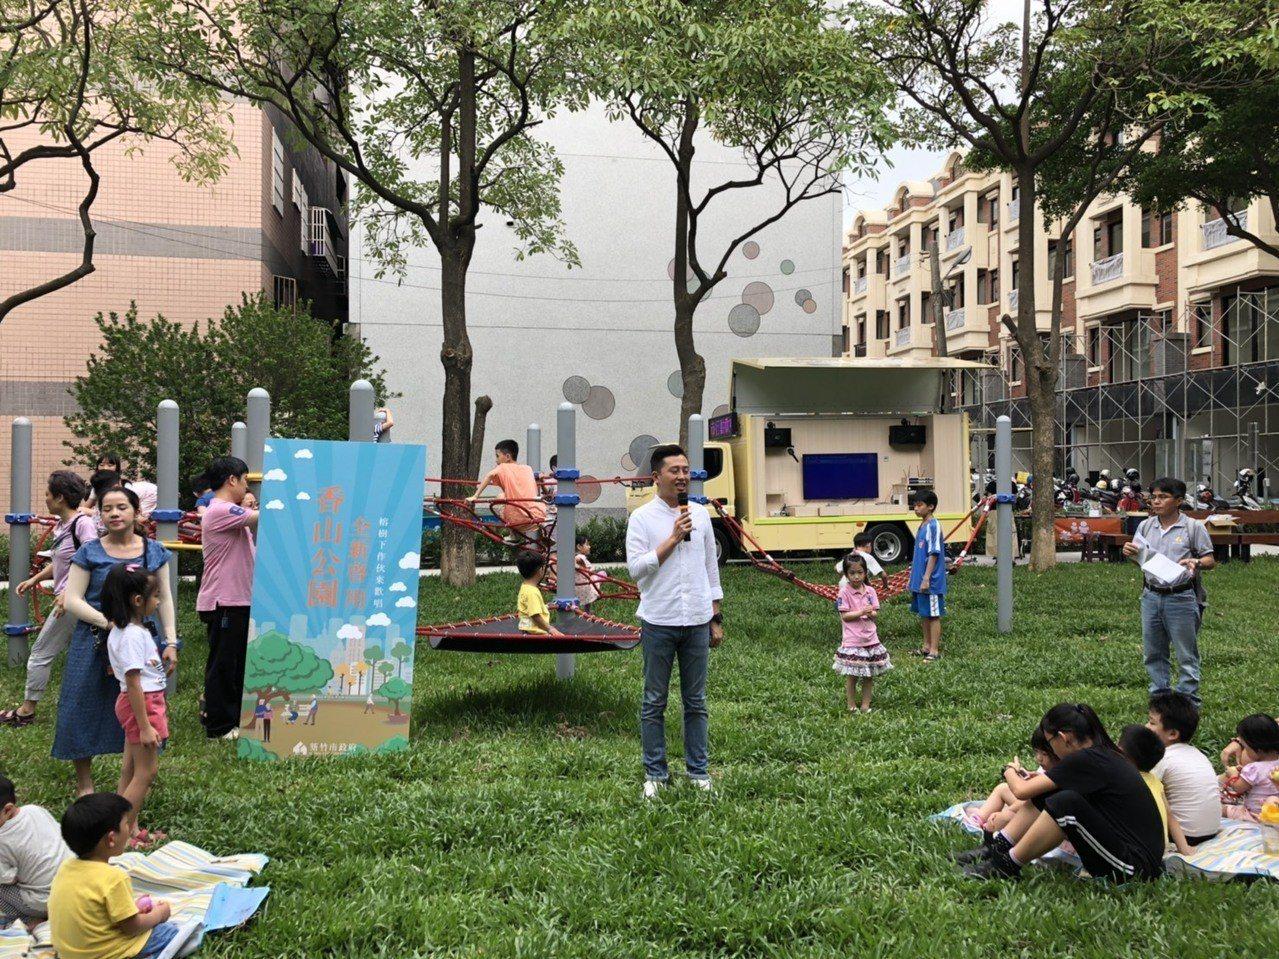 新竹香山公園全新啟用 特色遊具吸引小朋友搶先體驗